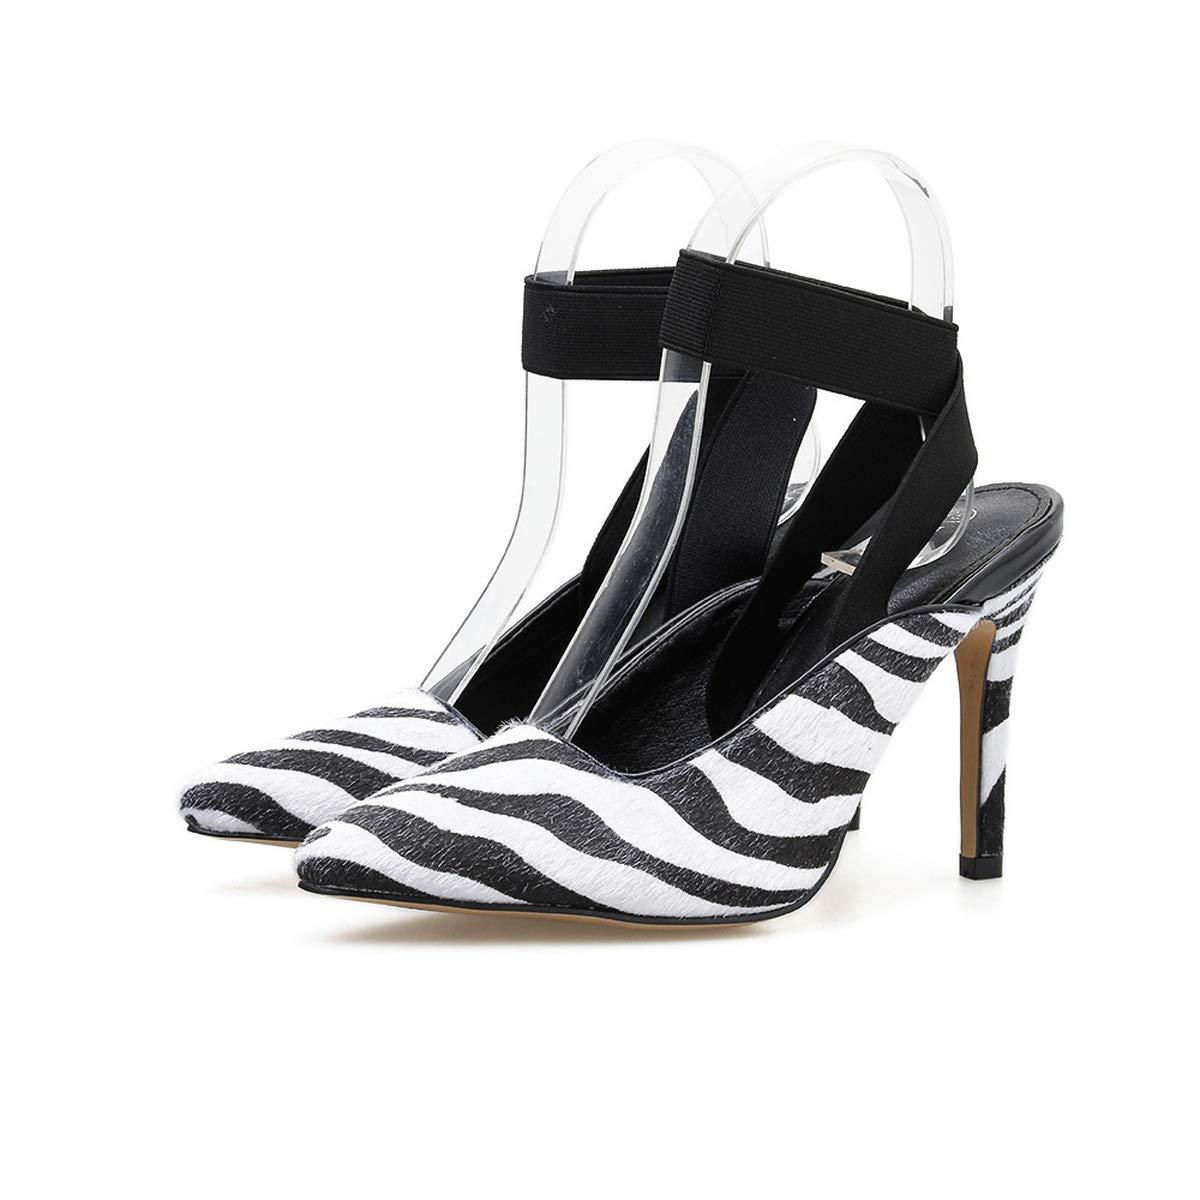 DANDANJIE Frauen High Heel Spitze Zehenschuhe mit Knöchelriemen Zebra-Muster Stiletto Schuhe für Frühjahr 2019